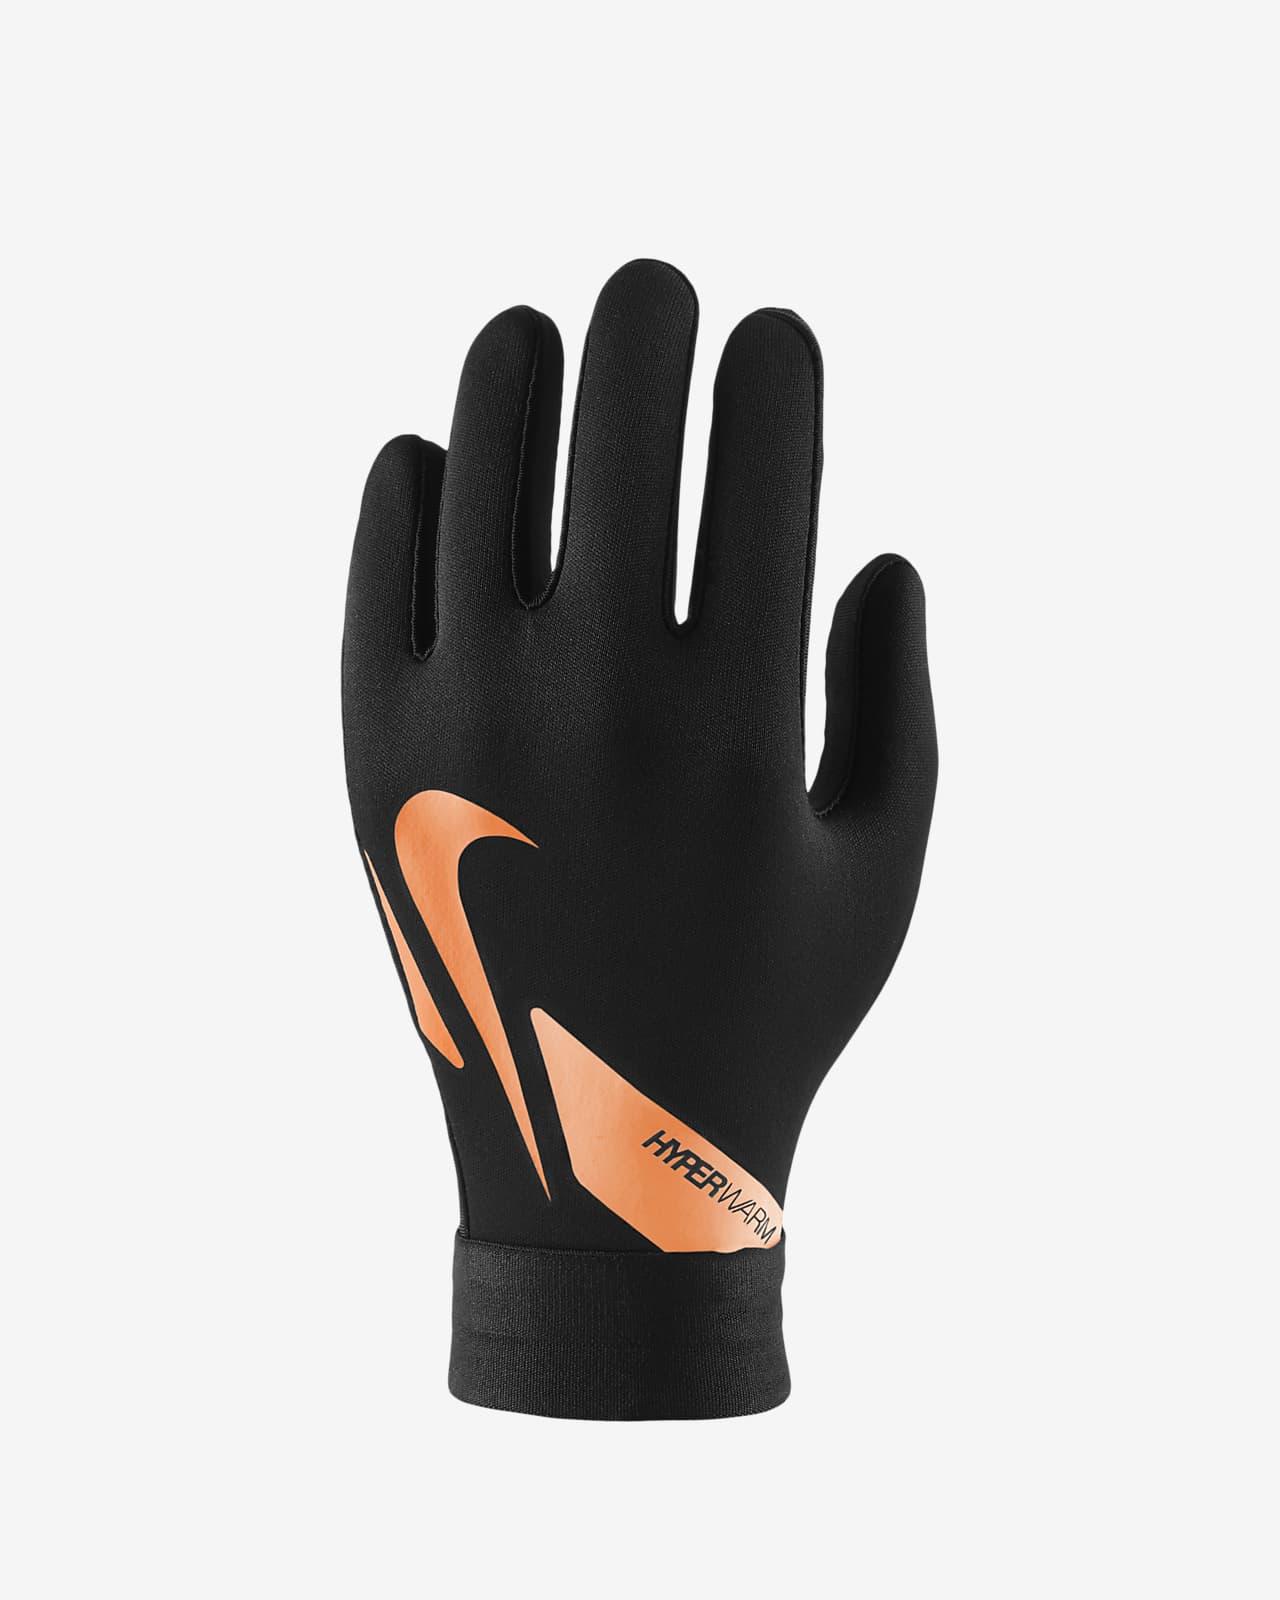 Nike HyperWarm Academy Guantes de fútbol - Niño/a